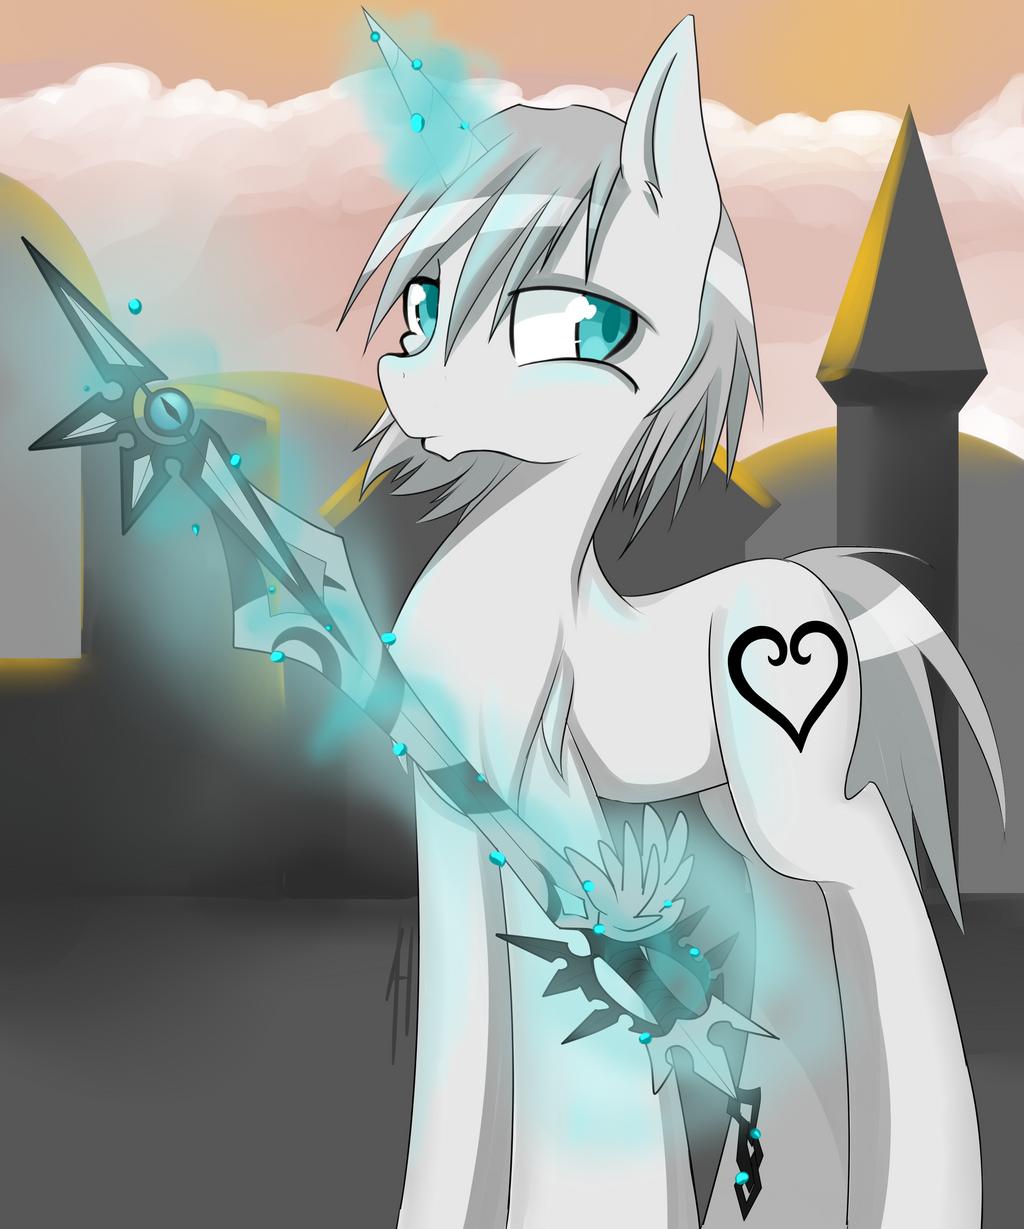 Fanart : Riku From KH By DreamynArt